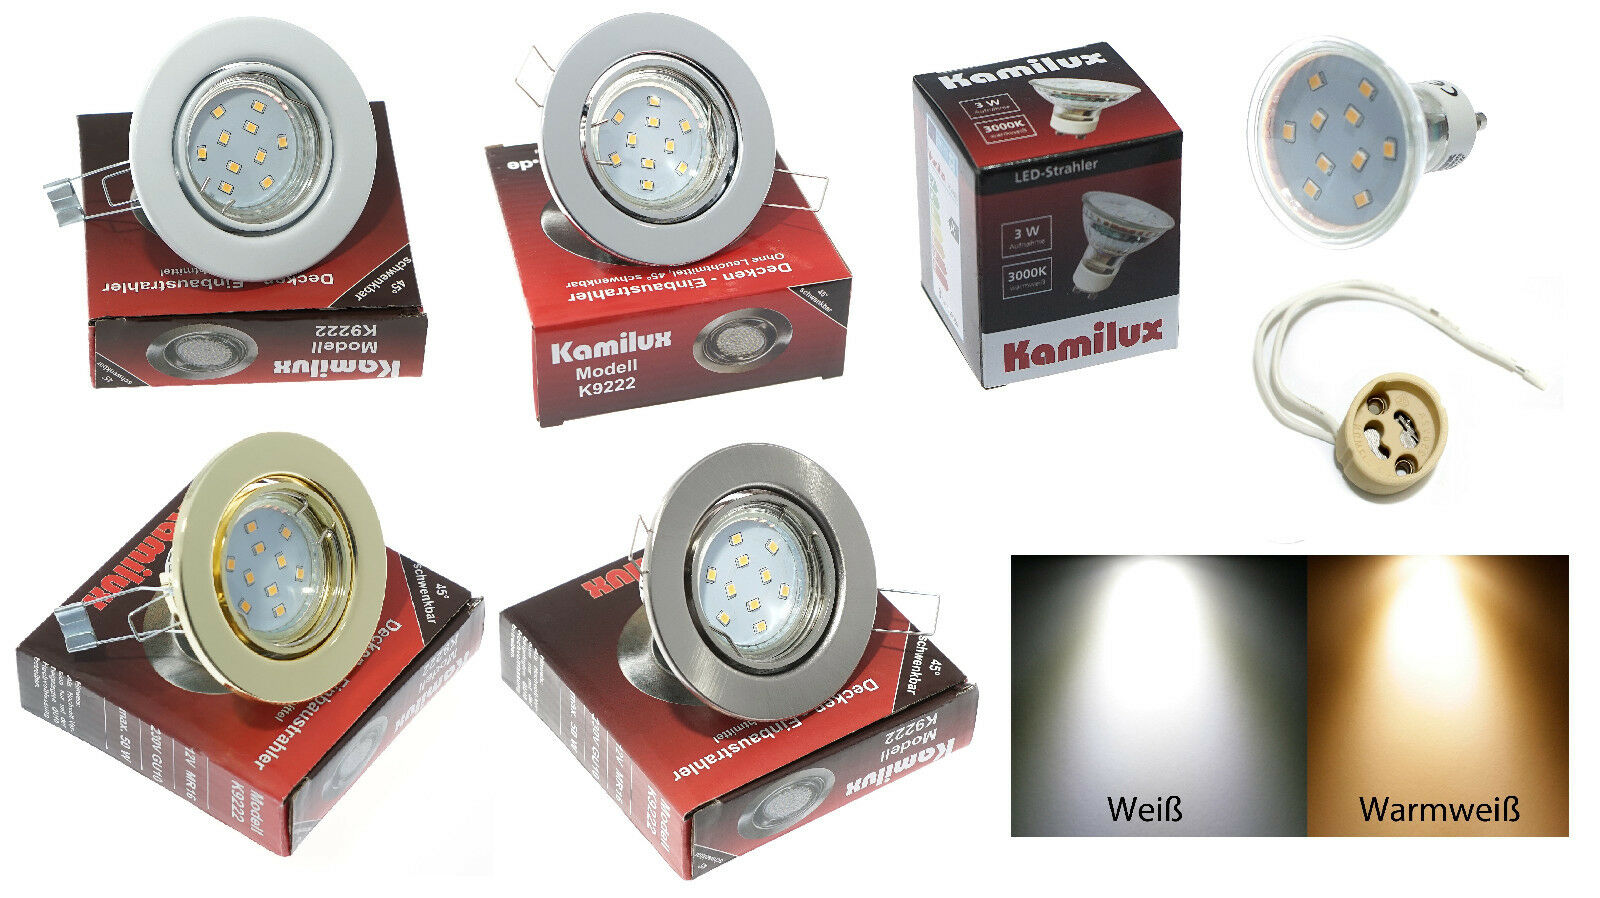 Soffitto LED Lampada da incasso incasso incasso 230v Lia versione gu10 10er SMD 3 Watt  25 Watt 4f111c